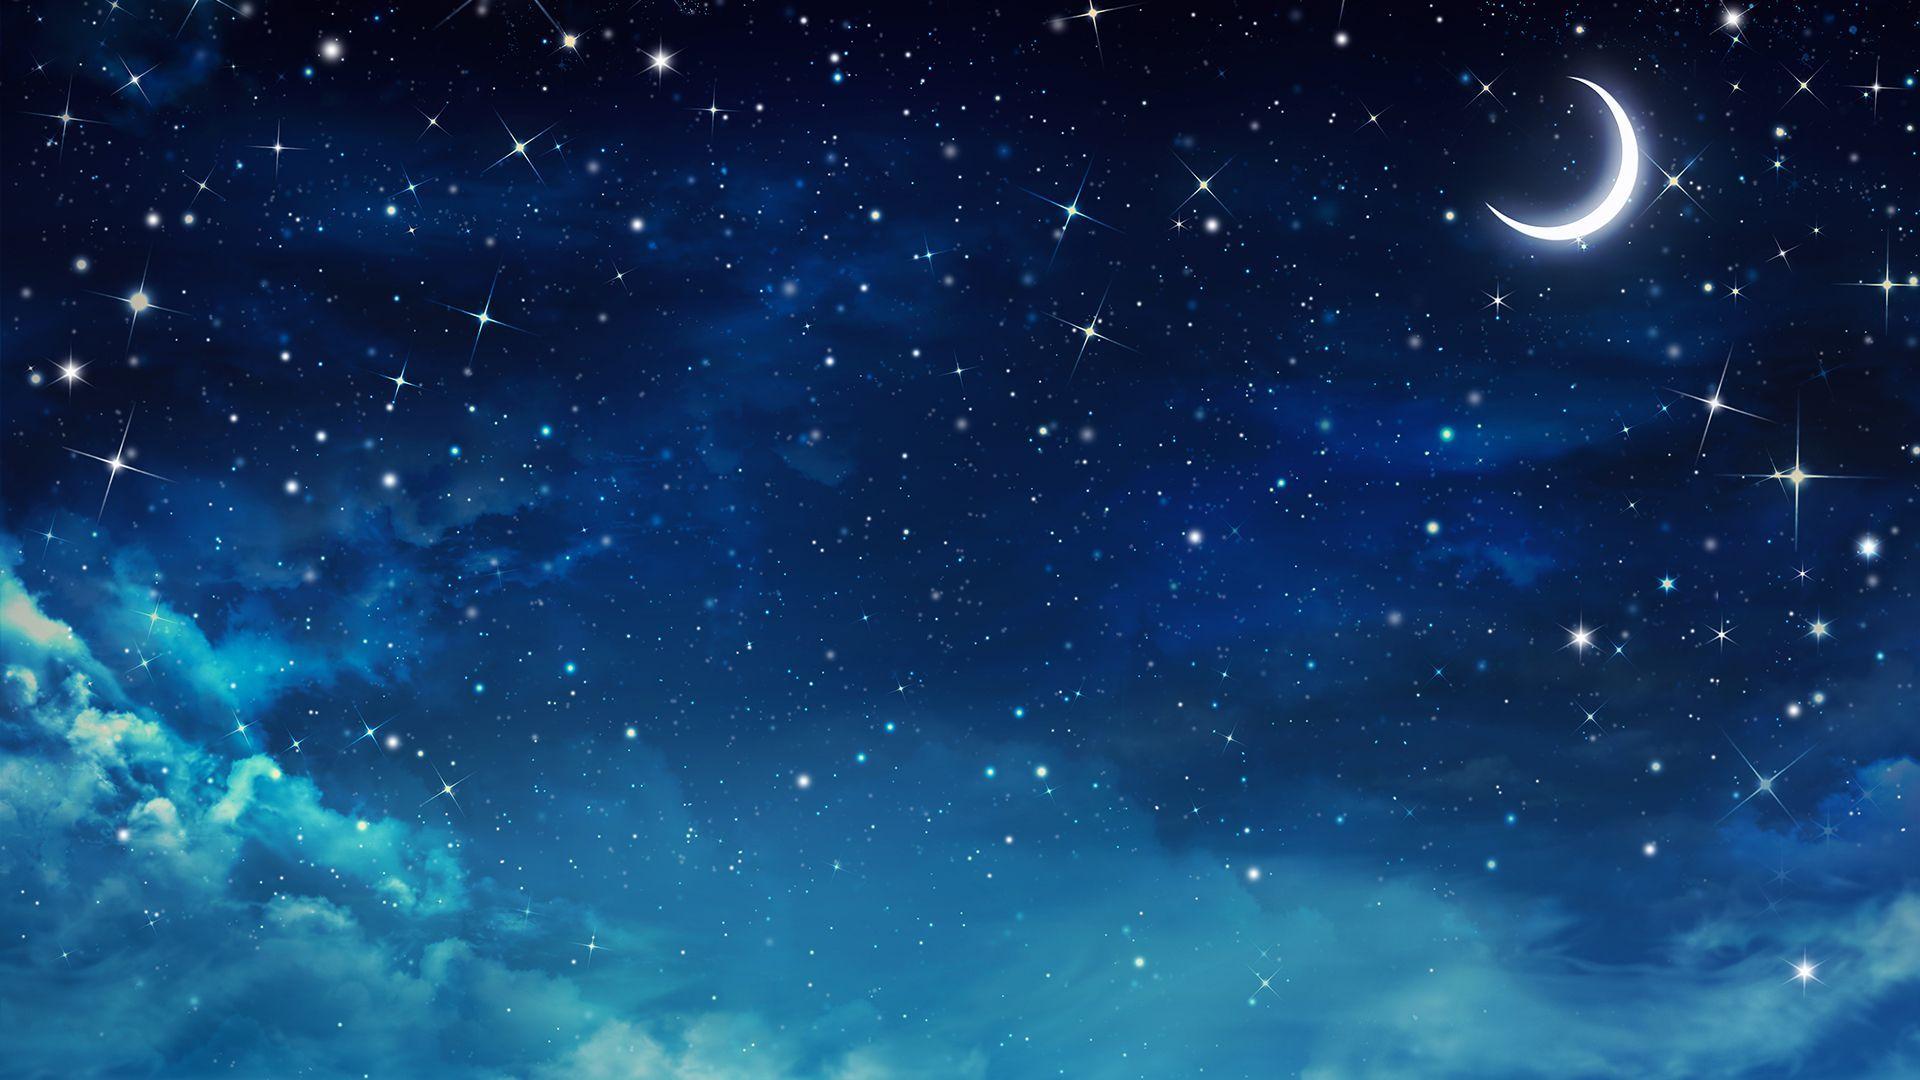 De Langste Nacht Wat Houdt Dat In